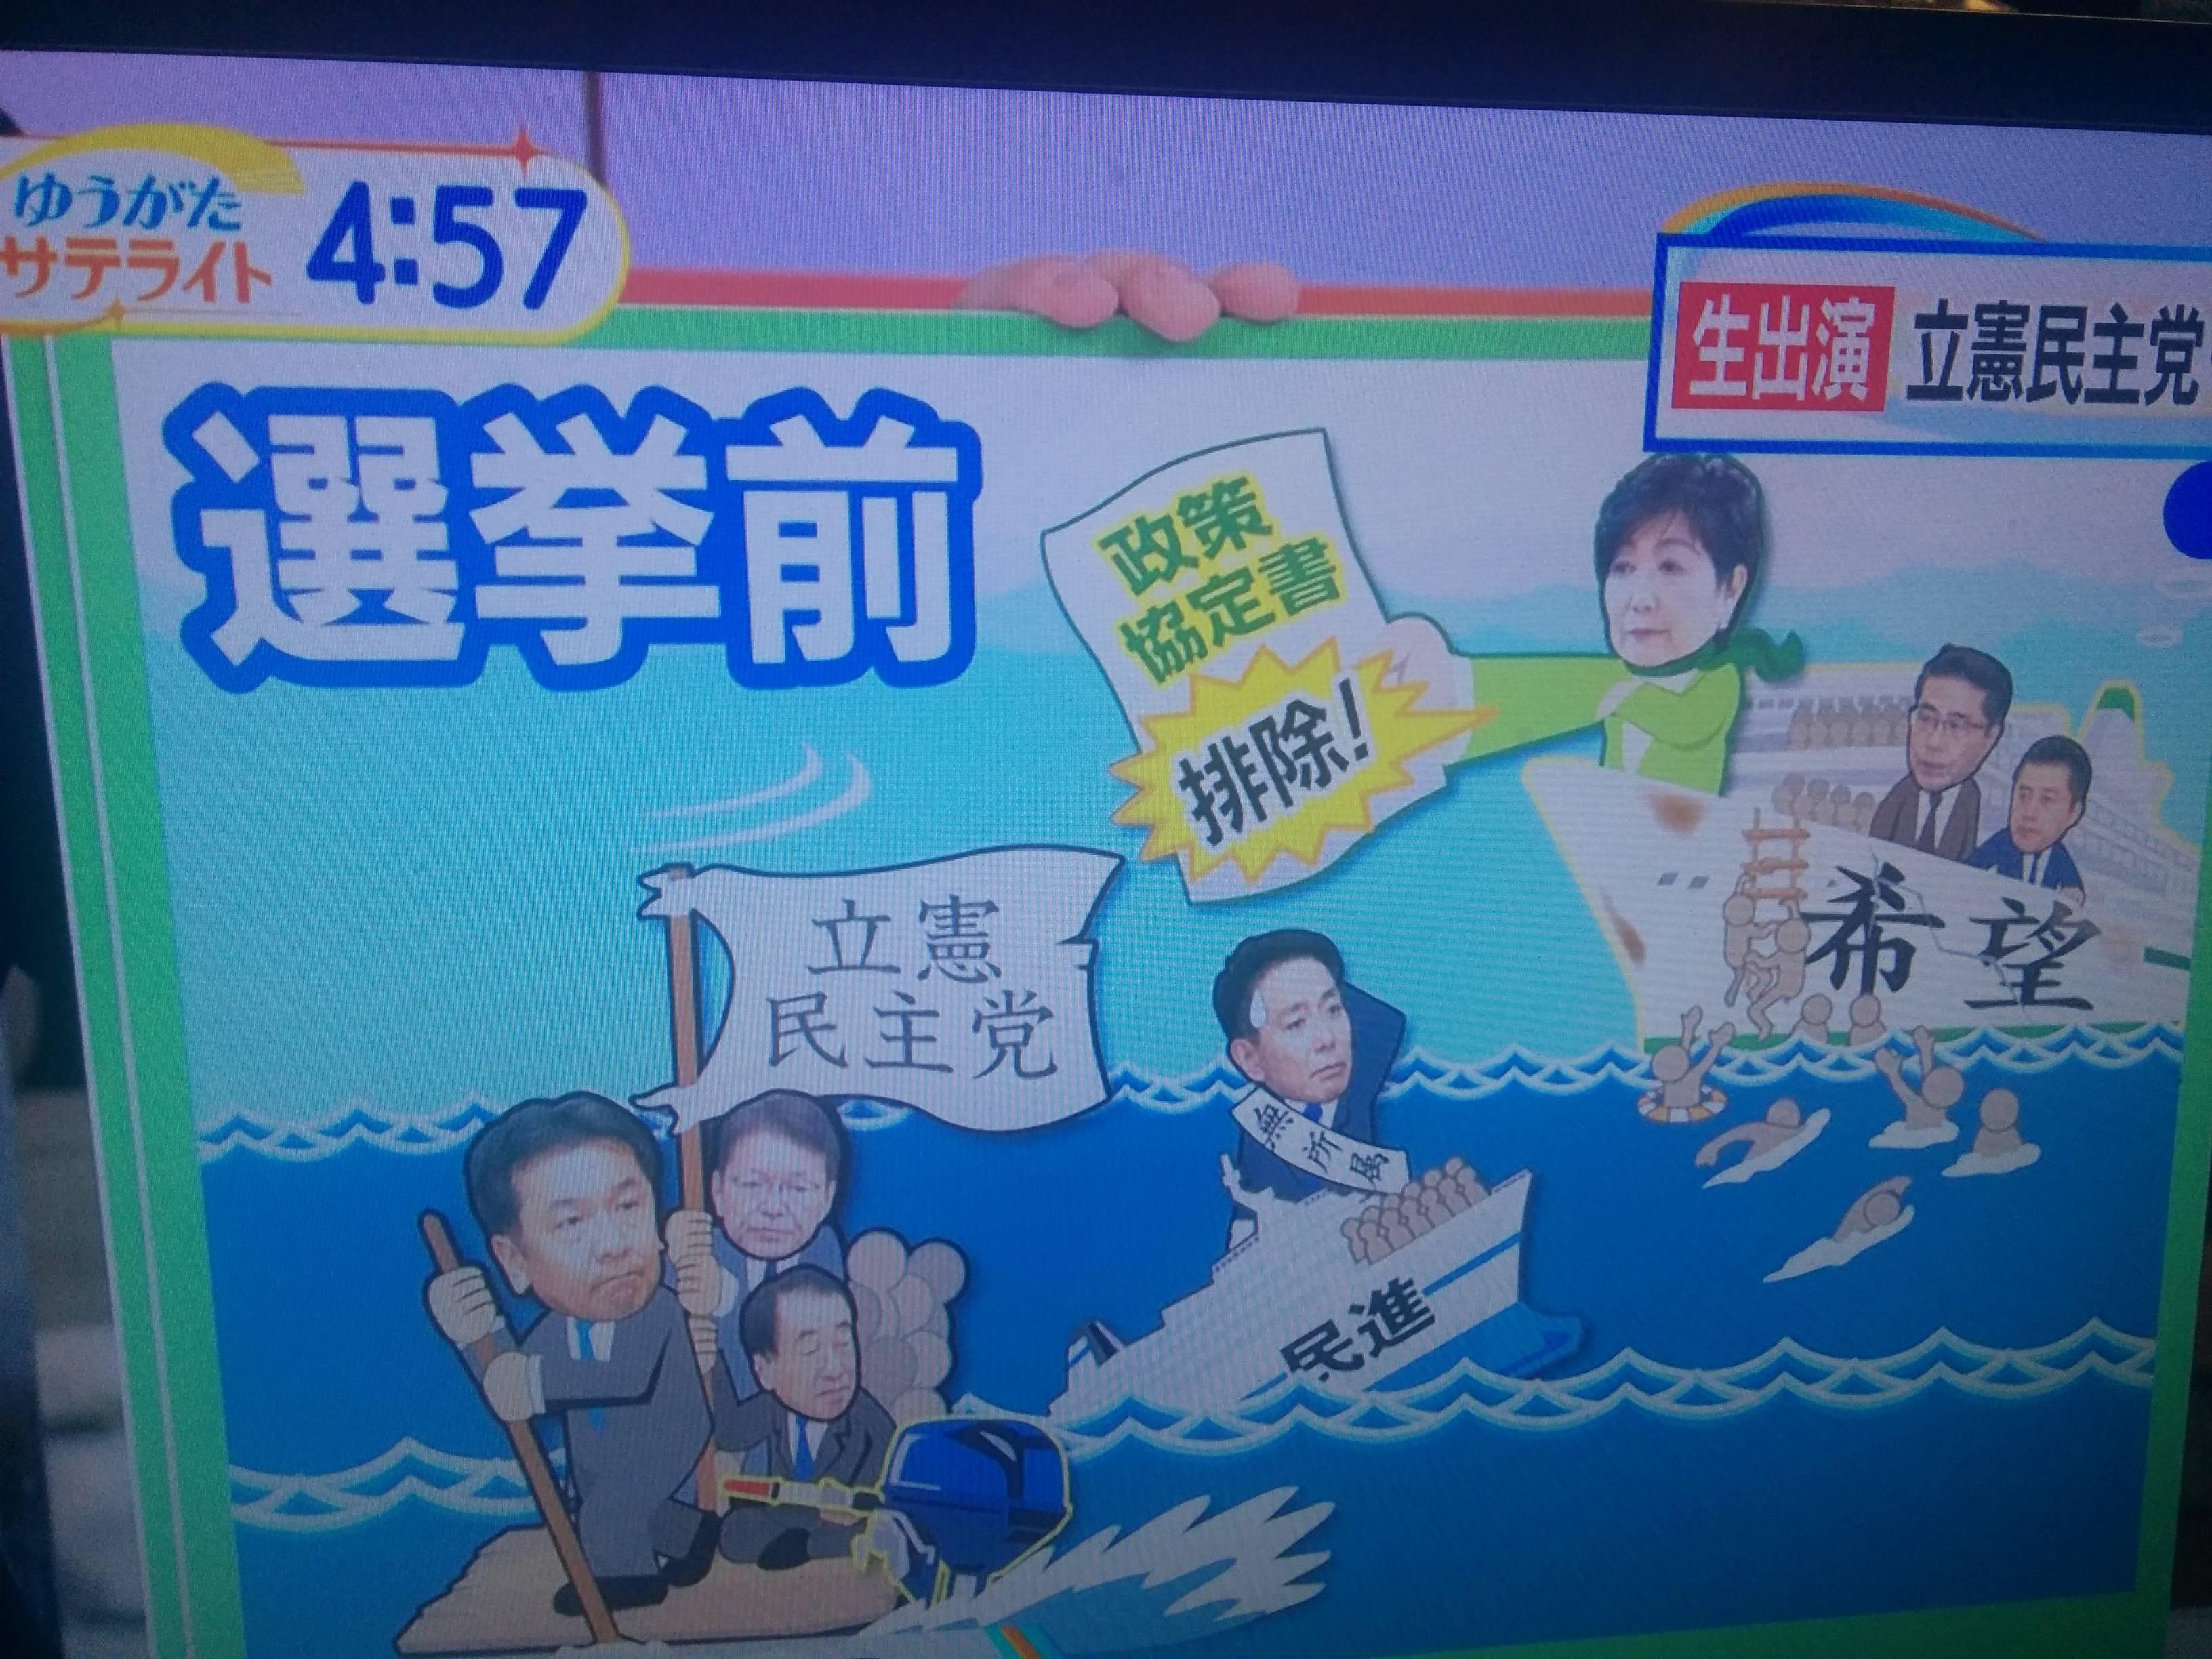 【速報】民進党・前原代表、辞任へ 希望の党へ合流かwwwwwwwwのサムネイル画像